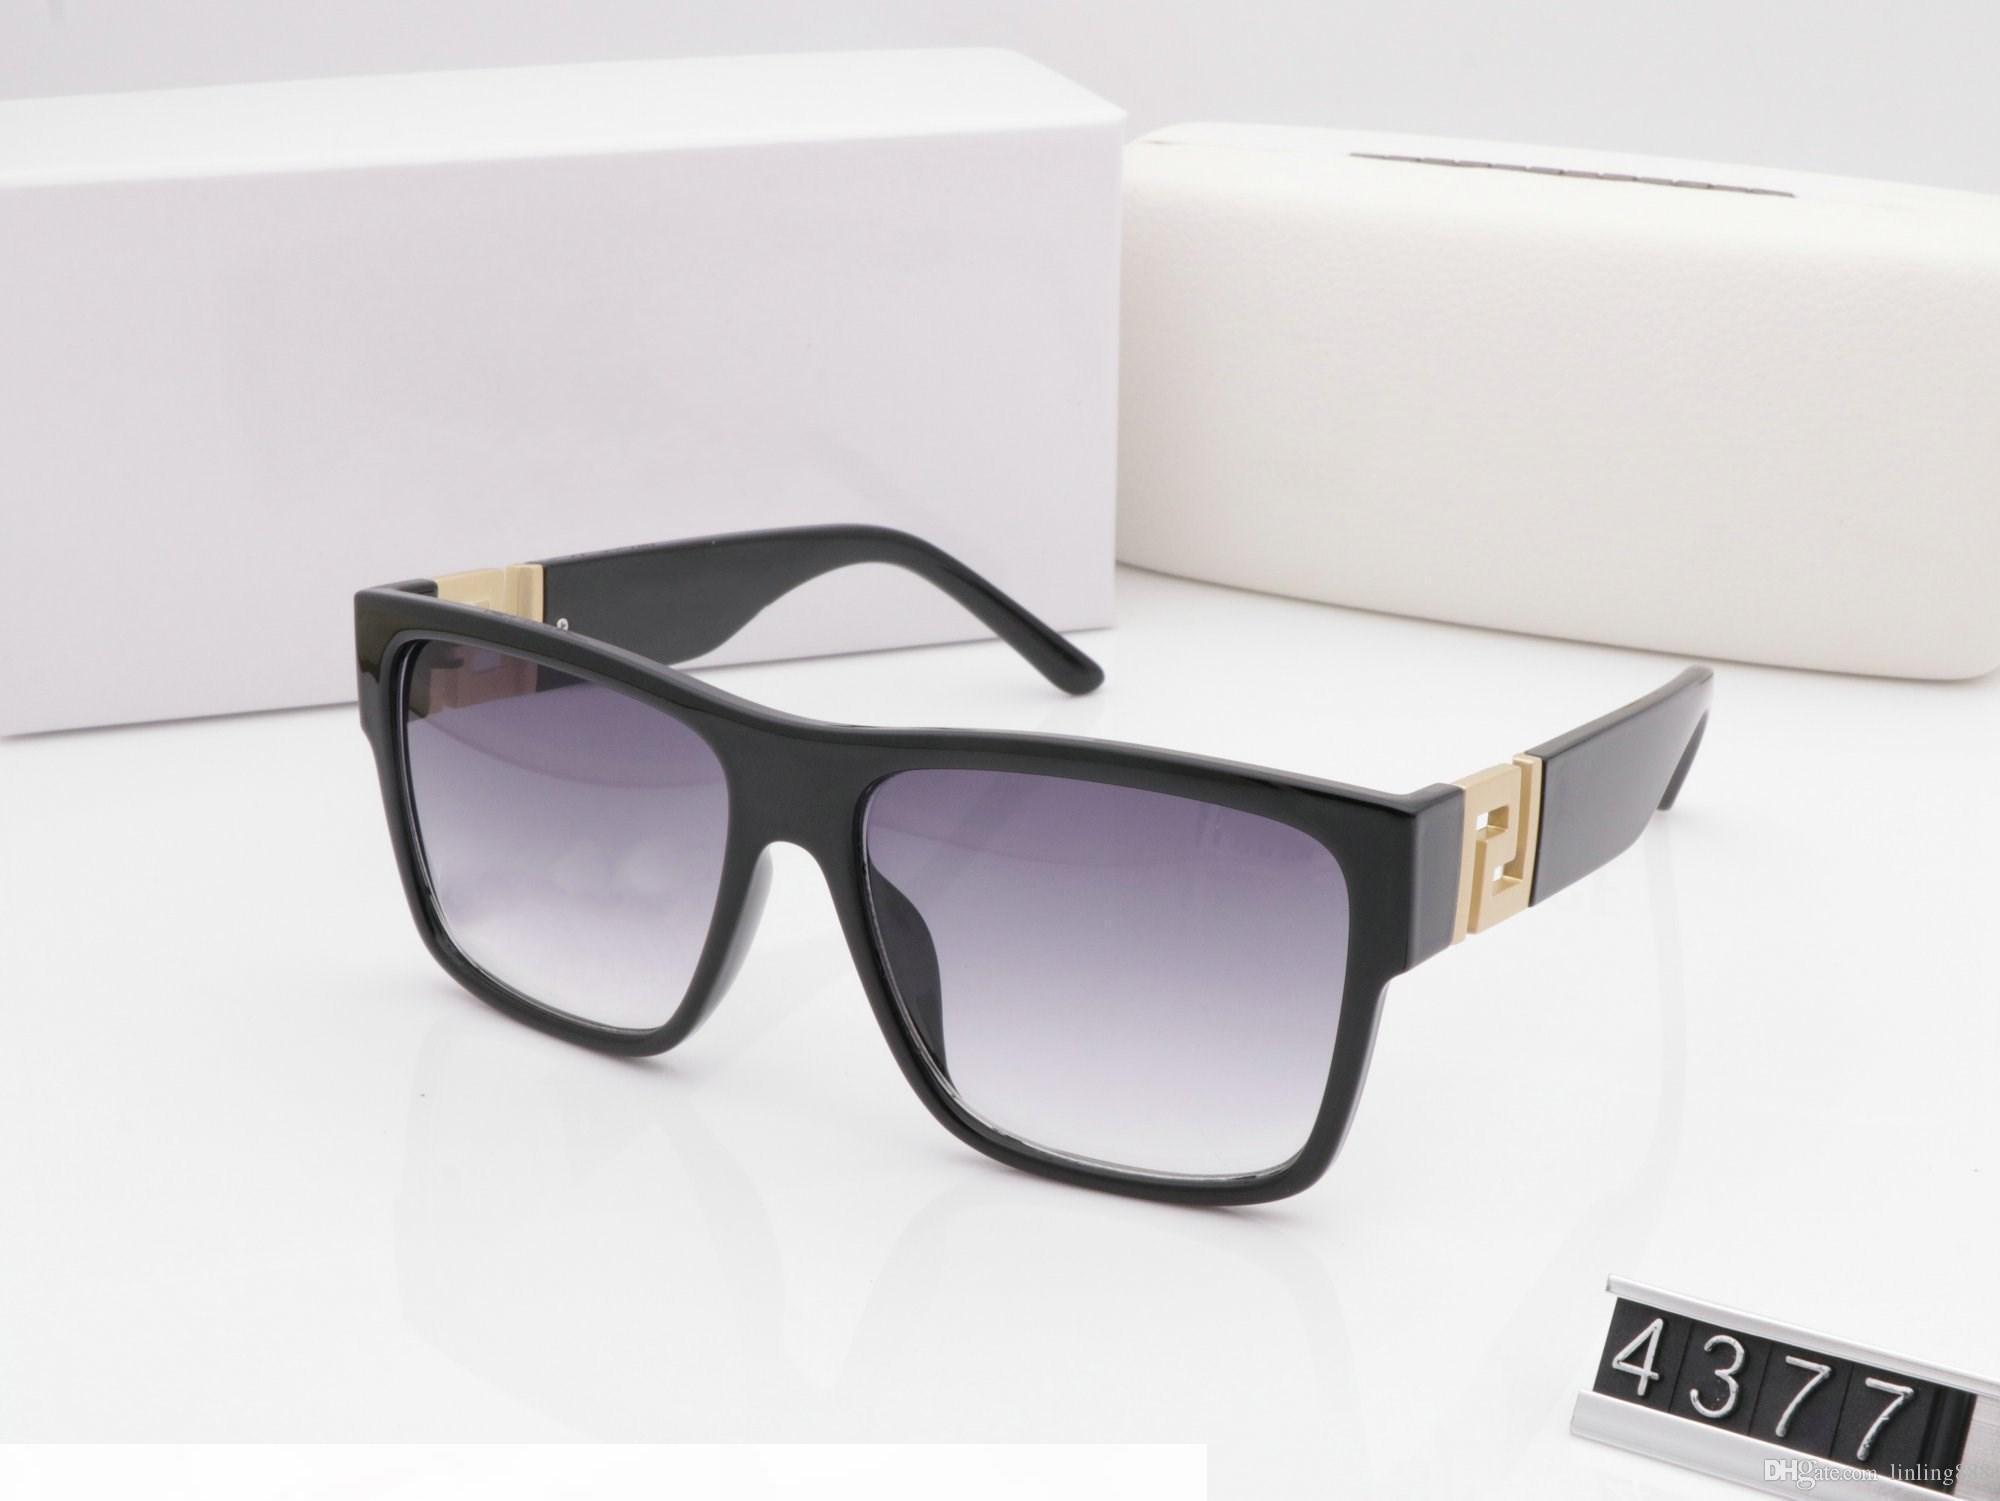 Designer Sunglasses 4377 para mulheres dos homens de luxo Mens Sunglass Moda Sunglases Retro Sun Glasses Ladies Sunglasses Redonda Designer Sunglasses